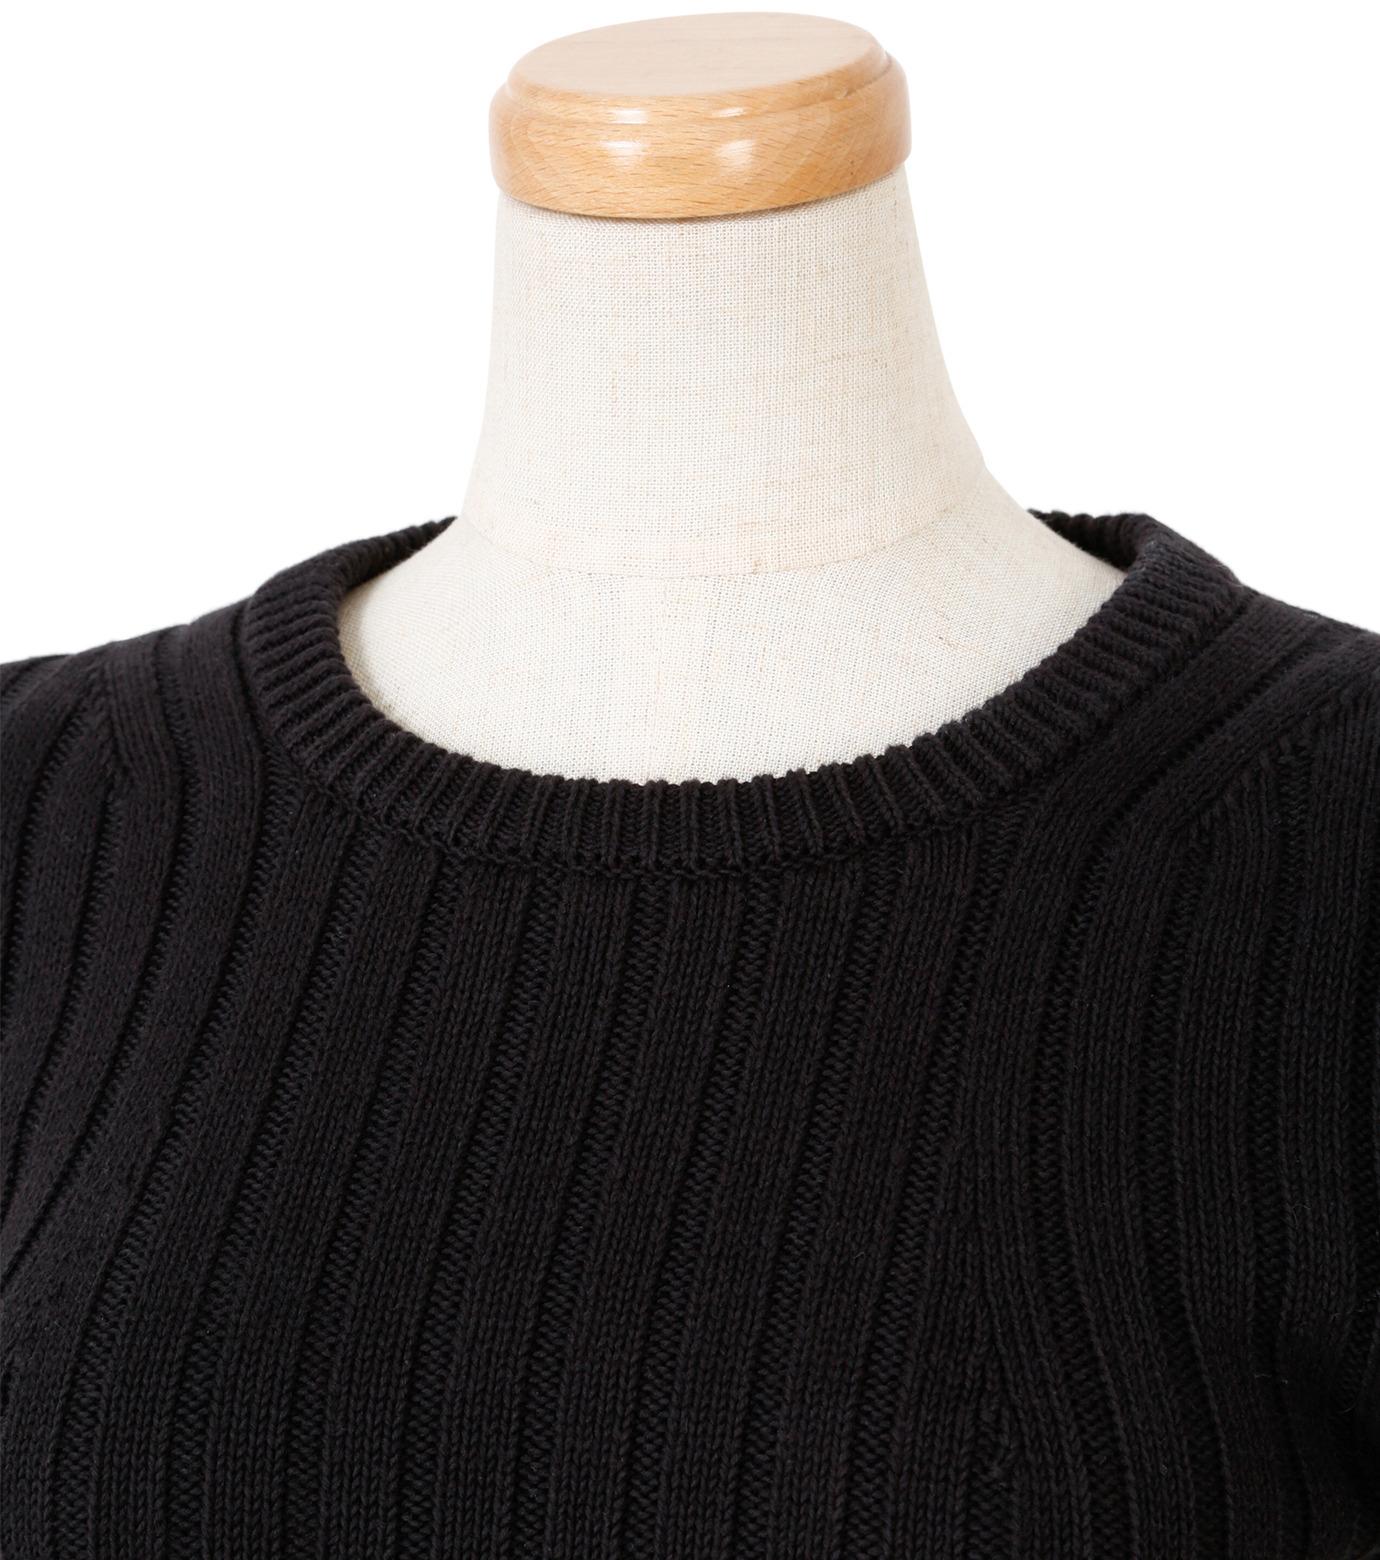 IRENE(アイレネ)のファブリックリボンニット-BLACK(ニット/knit)-19S81005 拡大詳細画像4